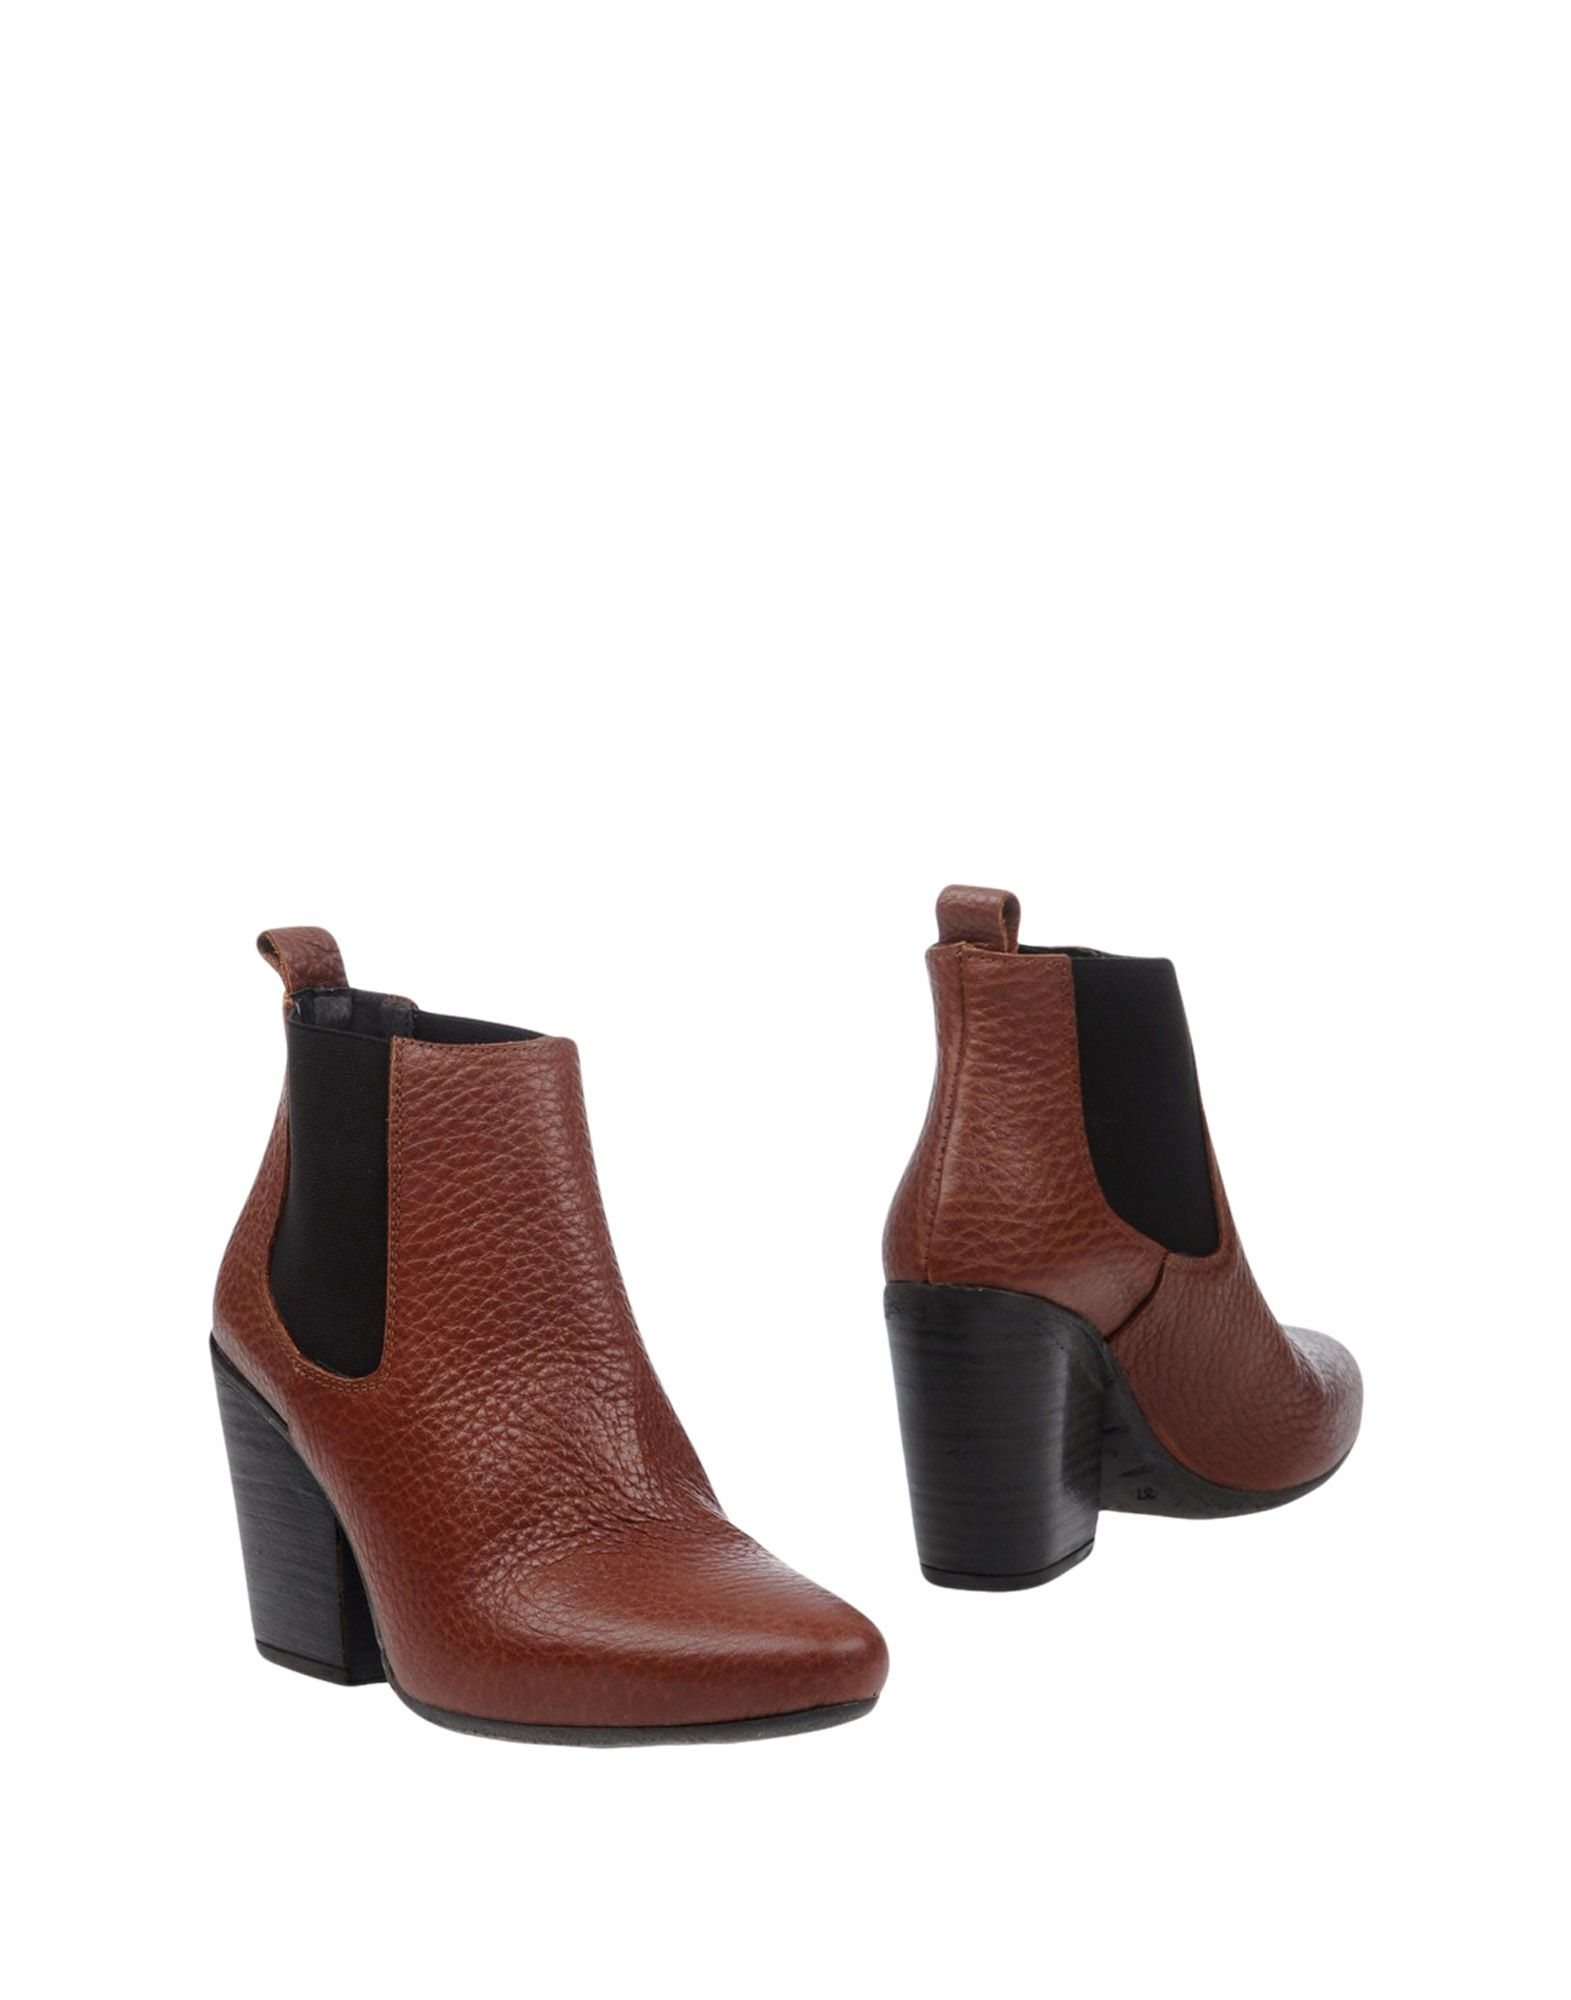 Chelsea Boots - Nila & Nila Donna - Boots 11265380NS 383fea